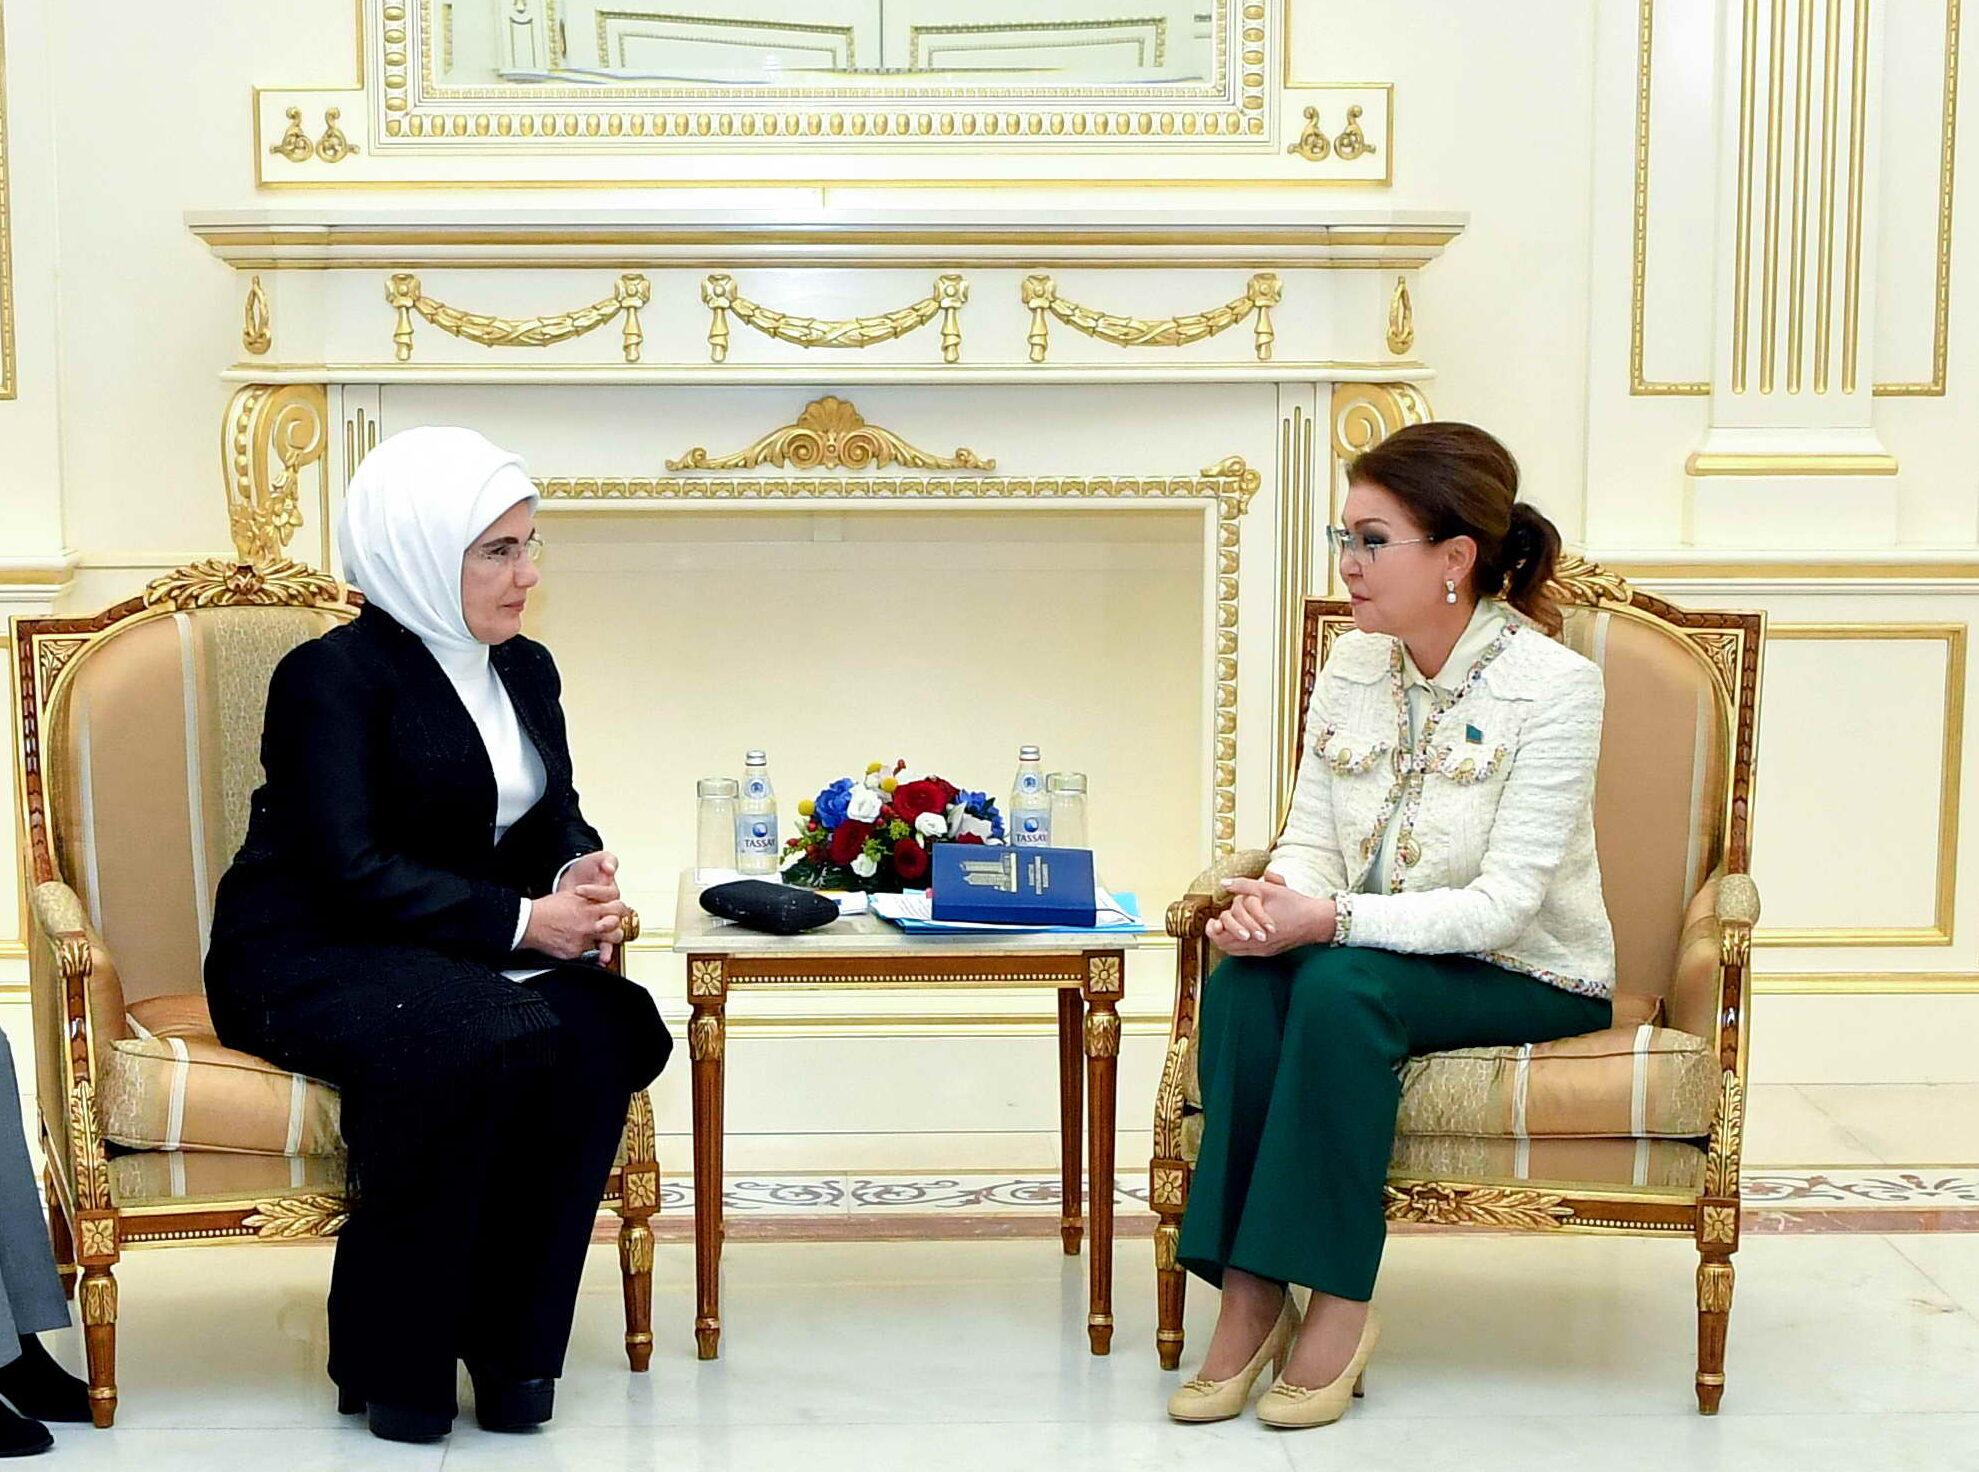 0785d05464e499280d07e93d14f8b9cf e1571217643688 - Dariga Nazarbayeva met with the wife of Erdogan